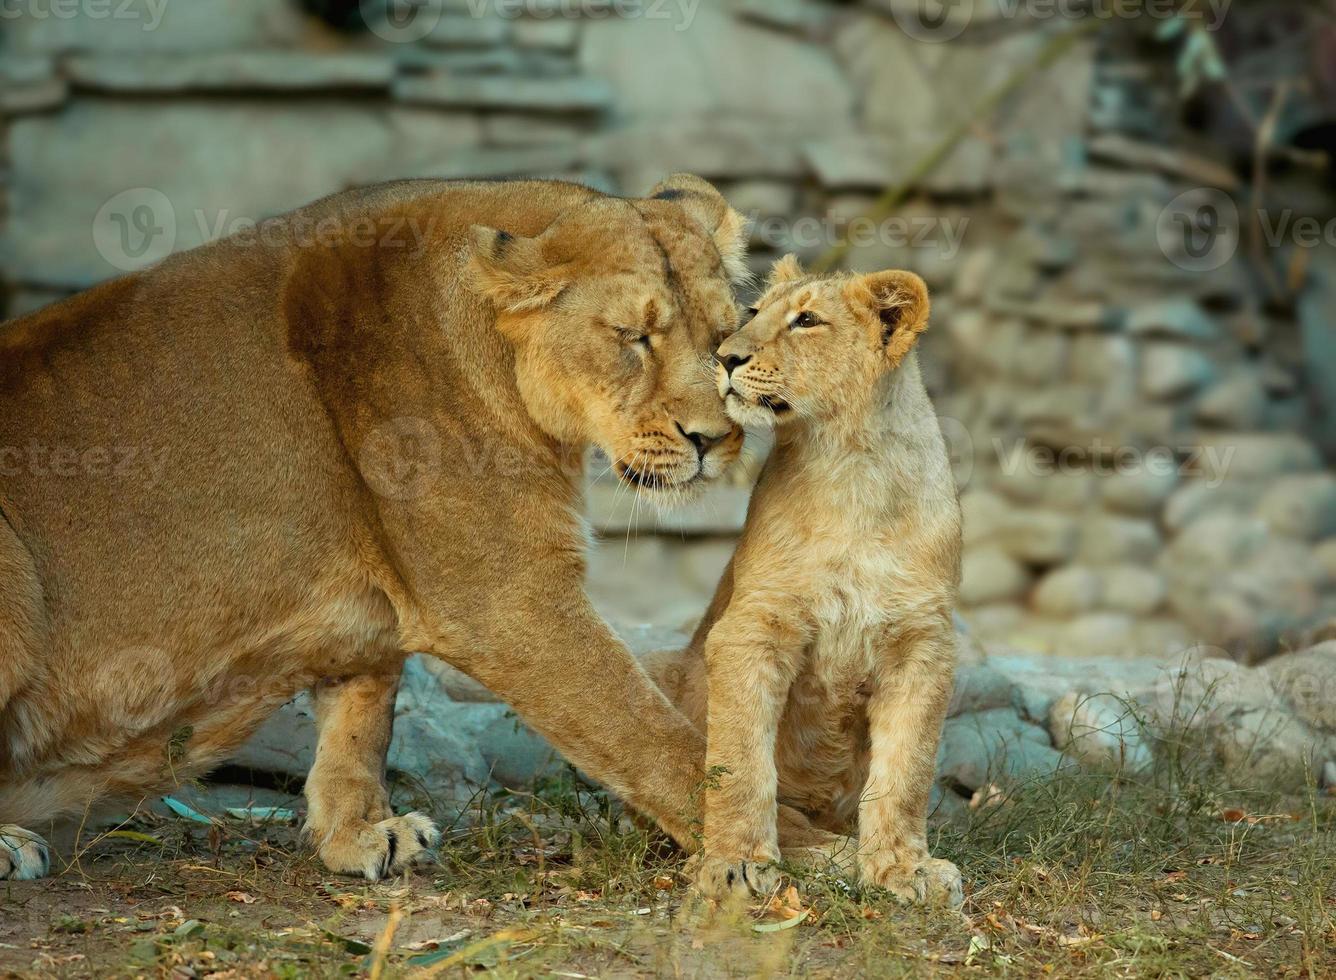 Löwin mit ihrem kleinen Jungen foto